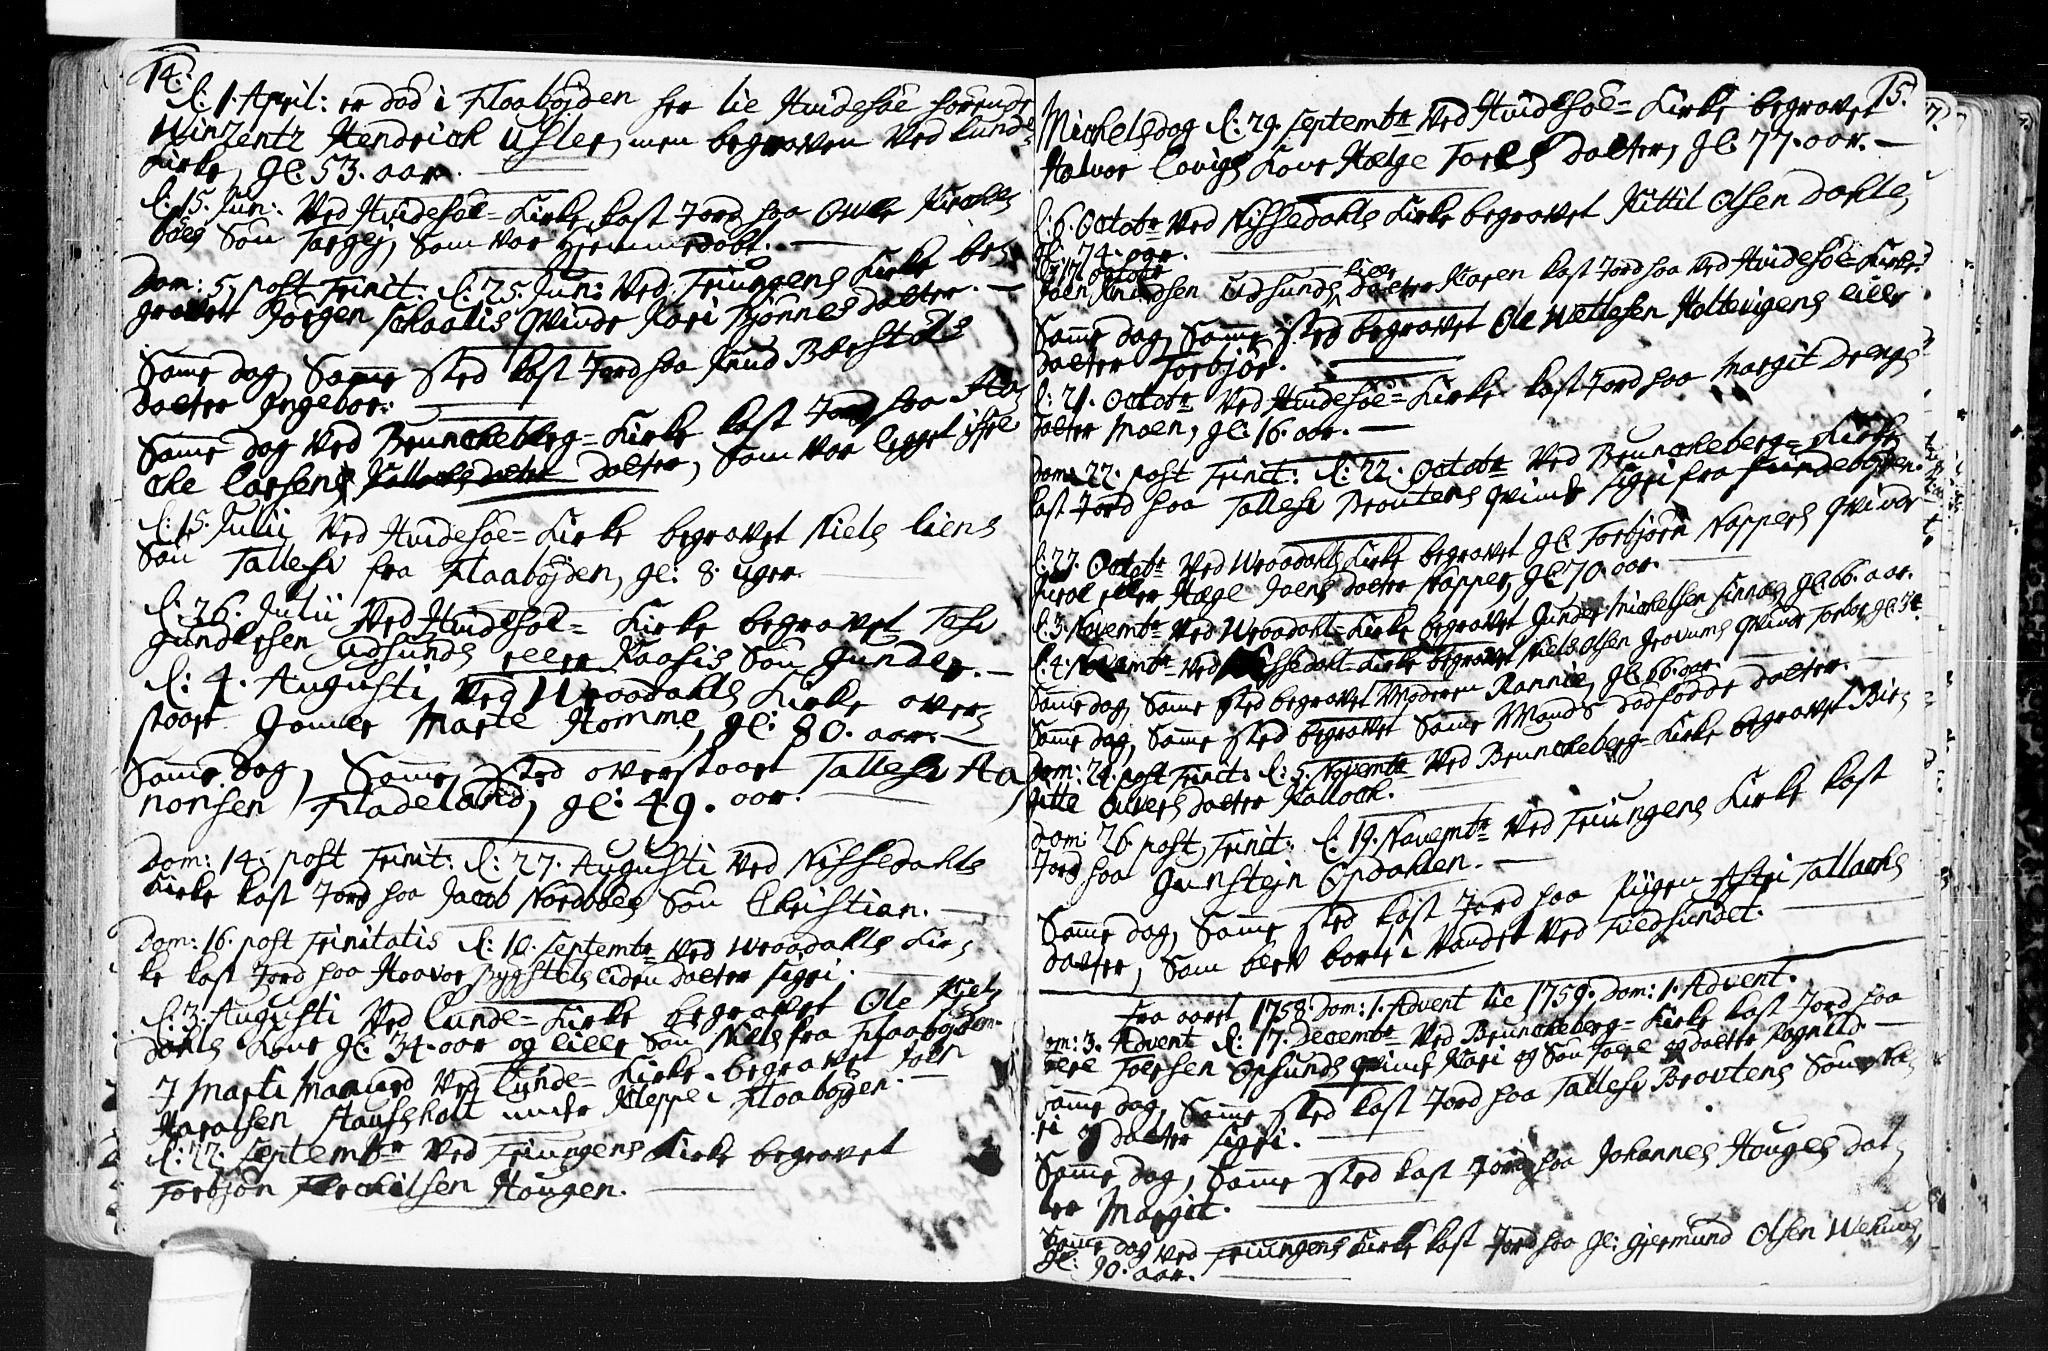 SAKO, Kviteseid kirkebøker, F/Fa/L0001: Ministerialbok nr. I 1, 1754-1773, s. 14-15